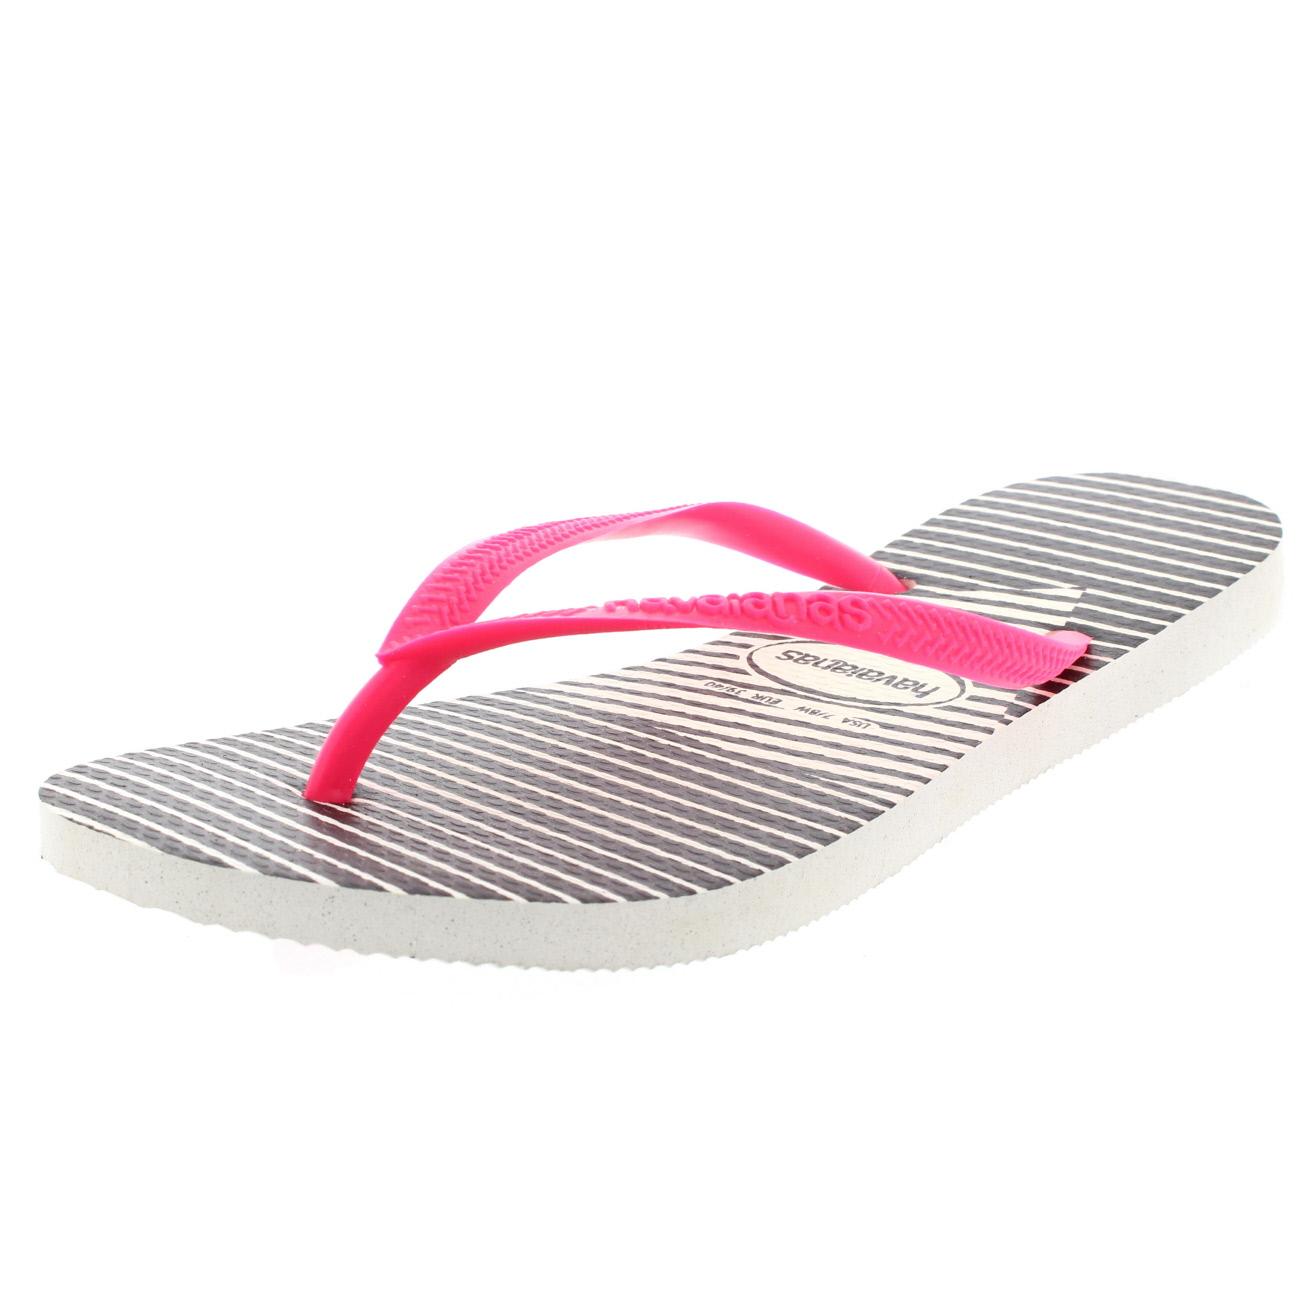 Damen Havaianas Slim Graphic Flache Urlaub Flip Flop Sommer Sandalen - Neon Rosa - 39/40 L0n4oQf